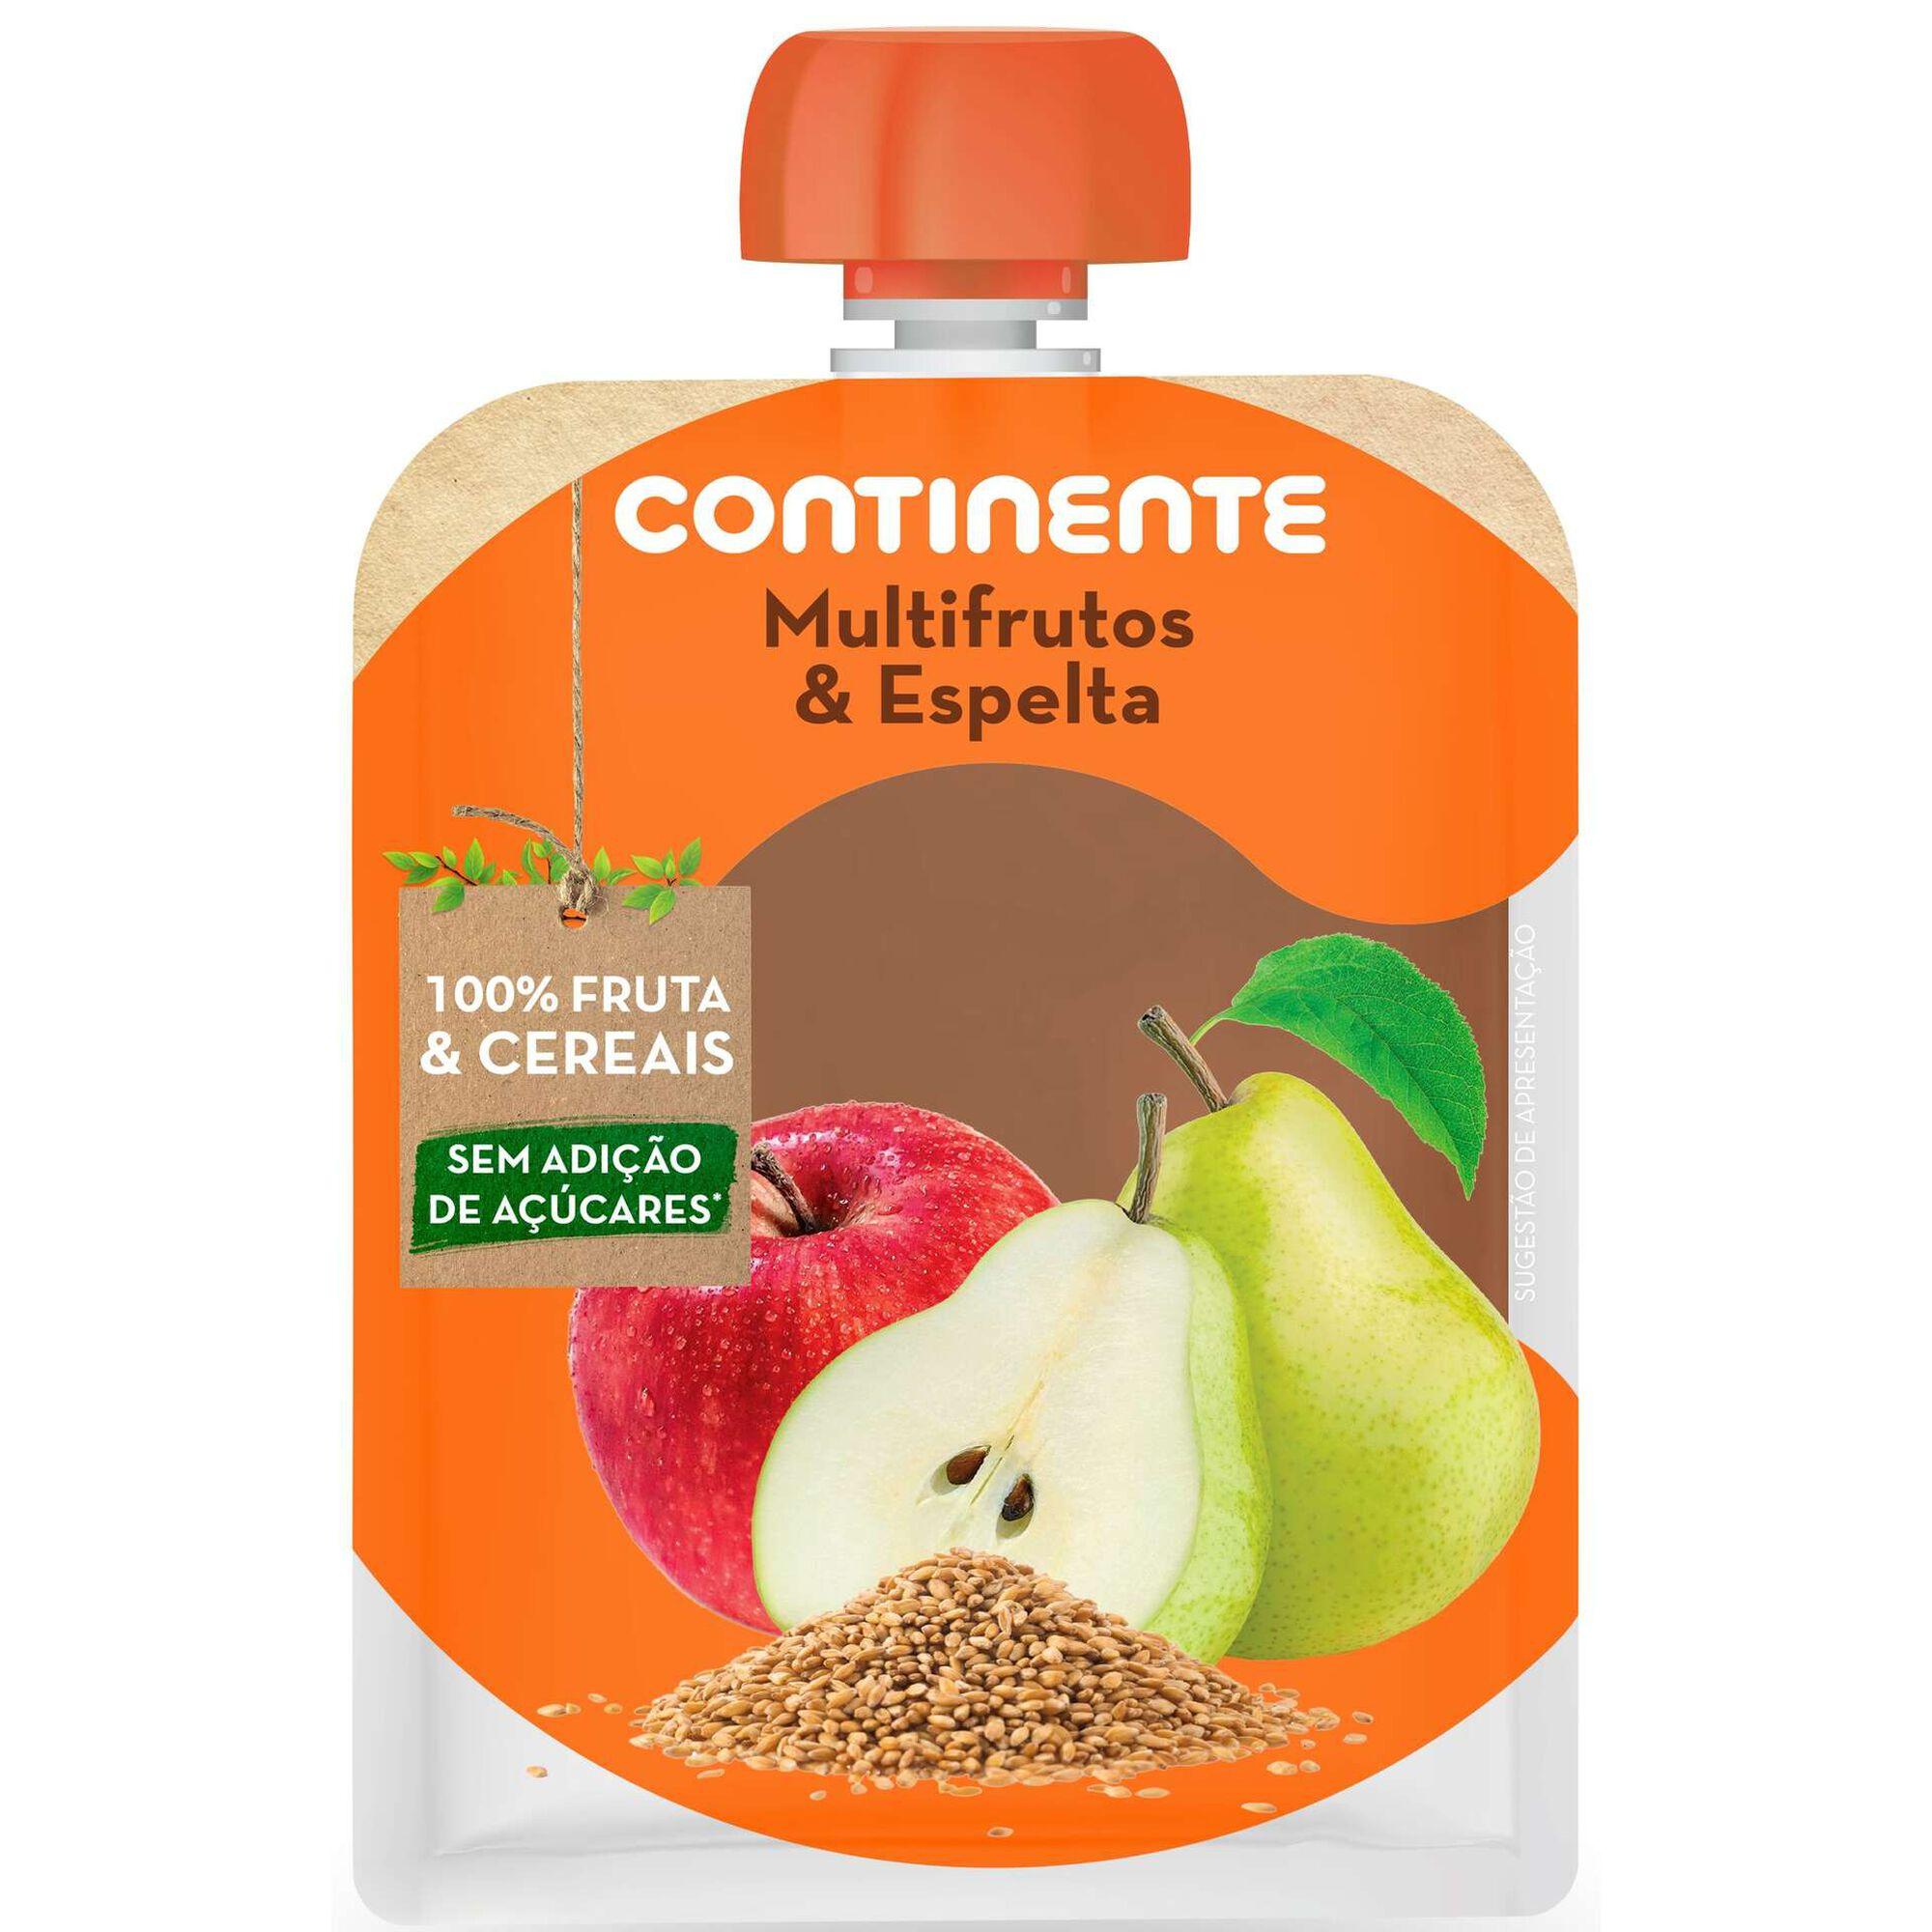 Saqueta de Fruta Multifrutos e Espelta